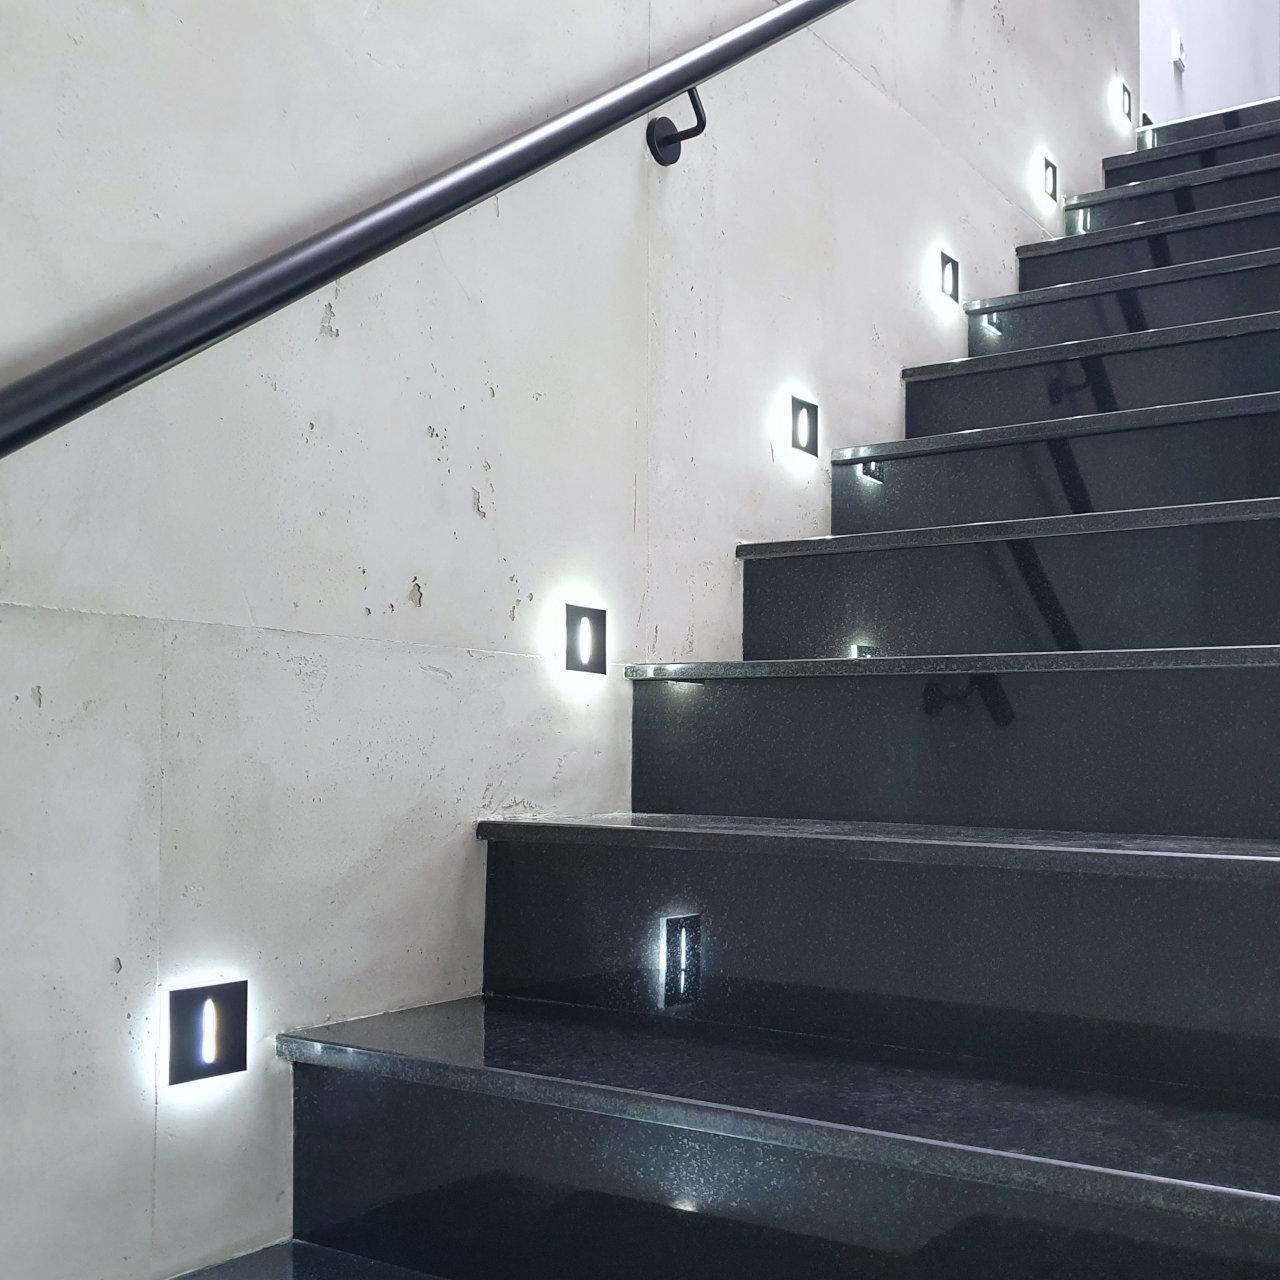 led-treppenbeleuchtung-einbauanleitung-wie-viele-stufenbeleuchtungen-werden-benoetigt